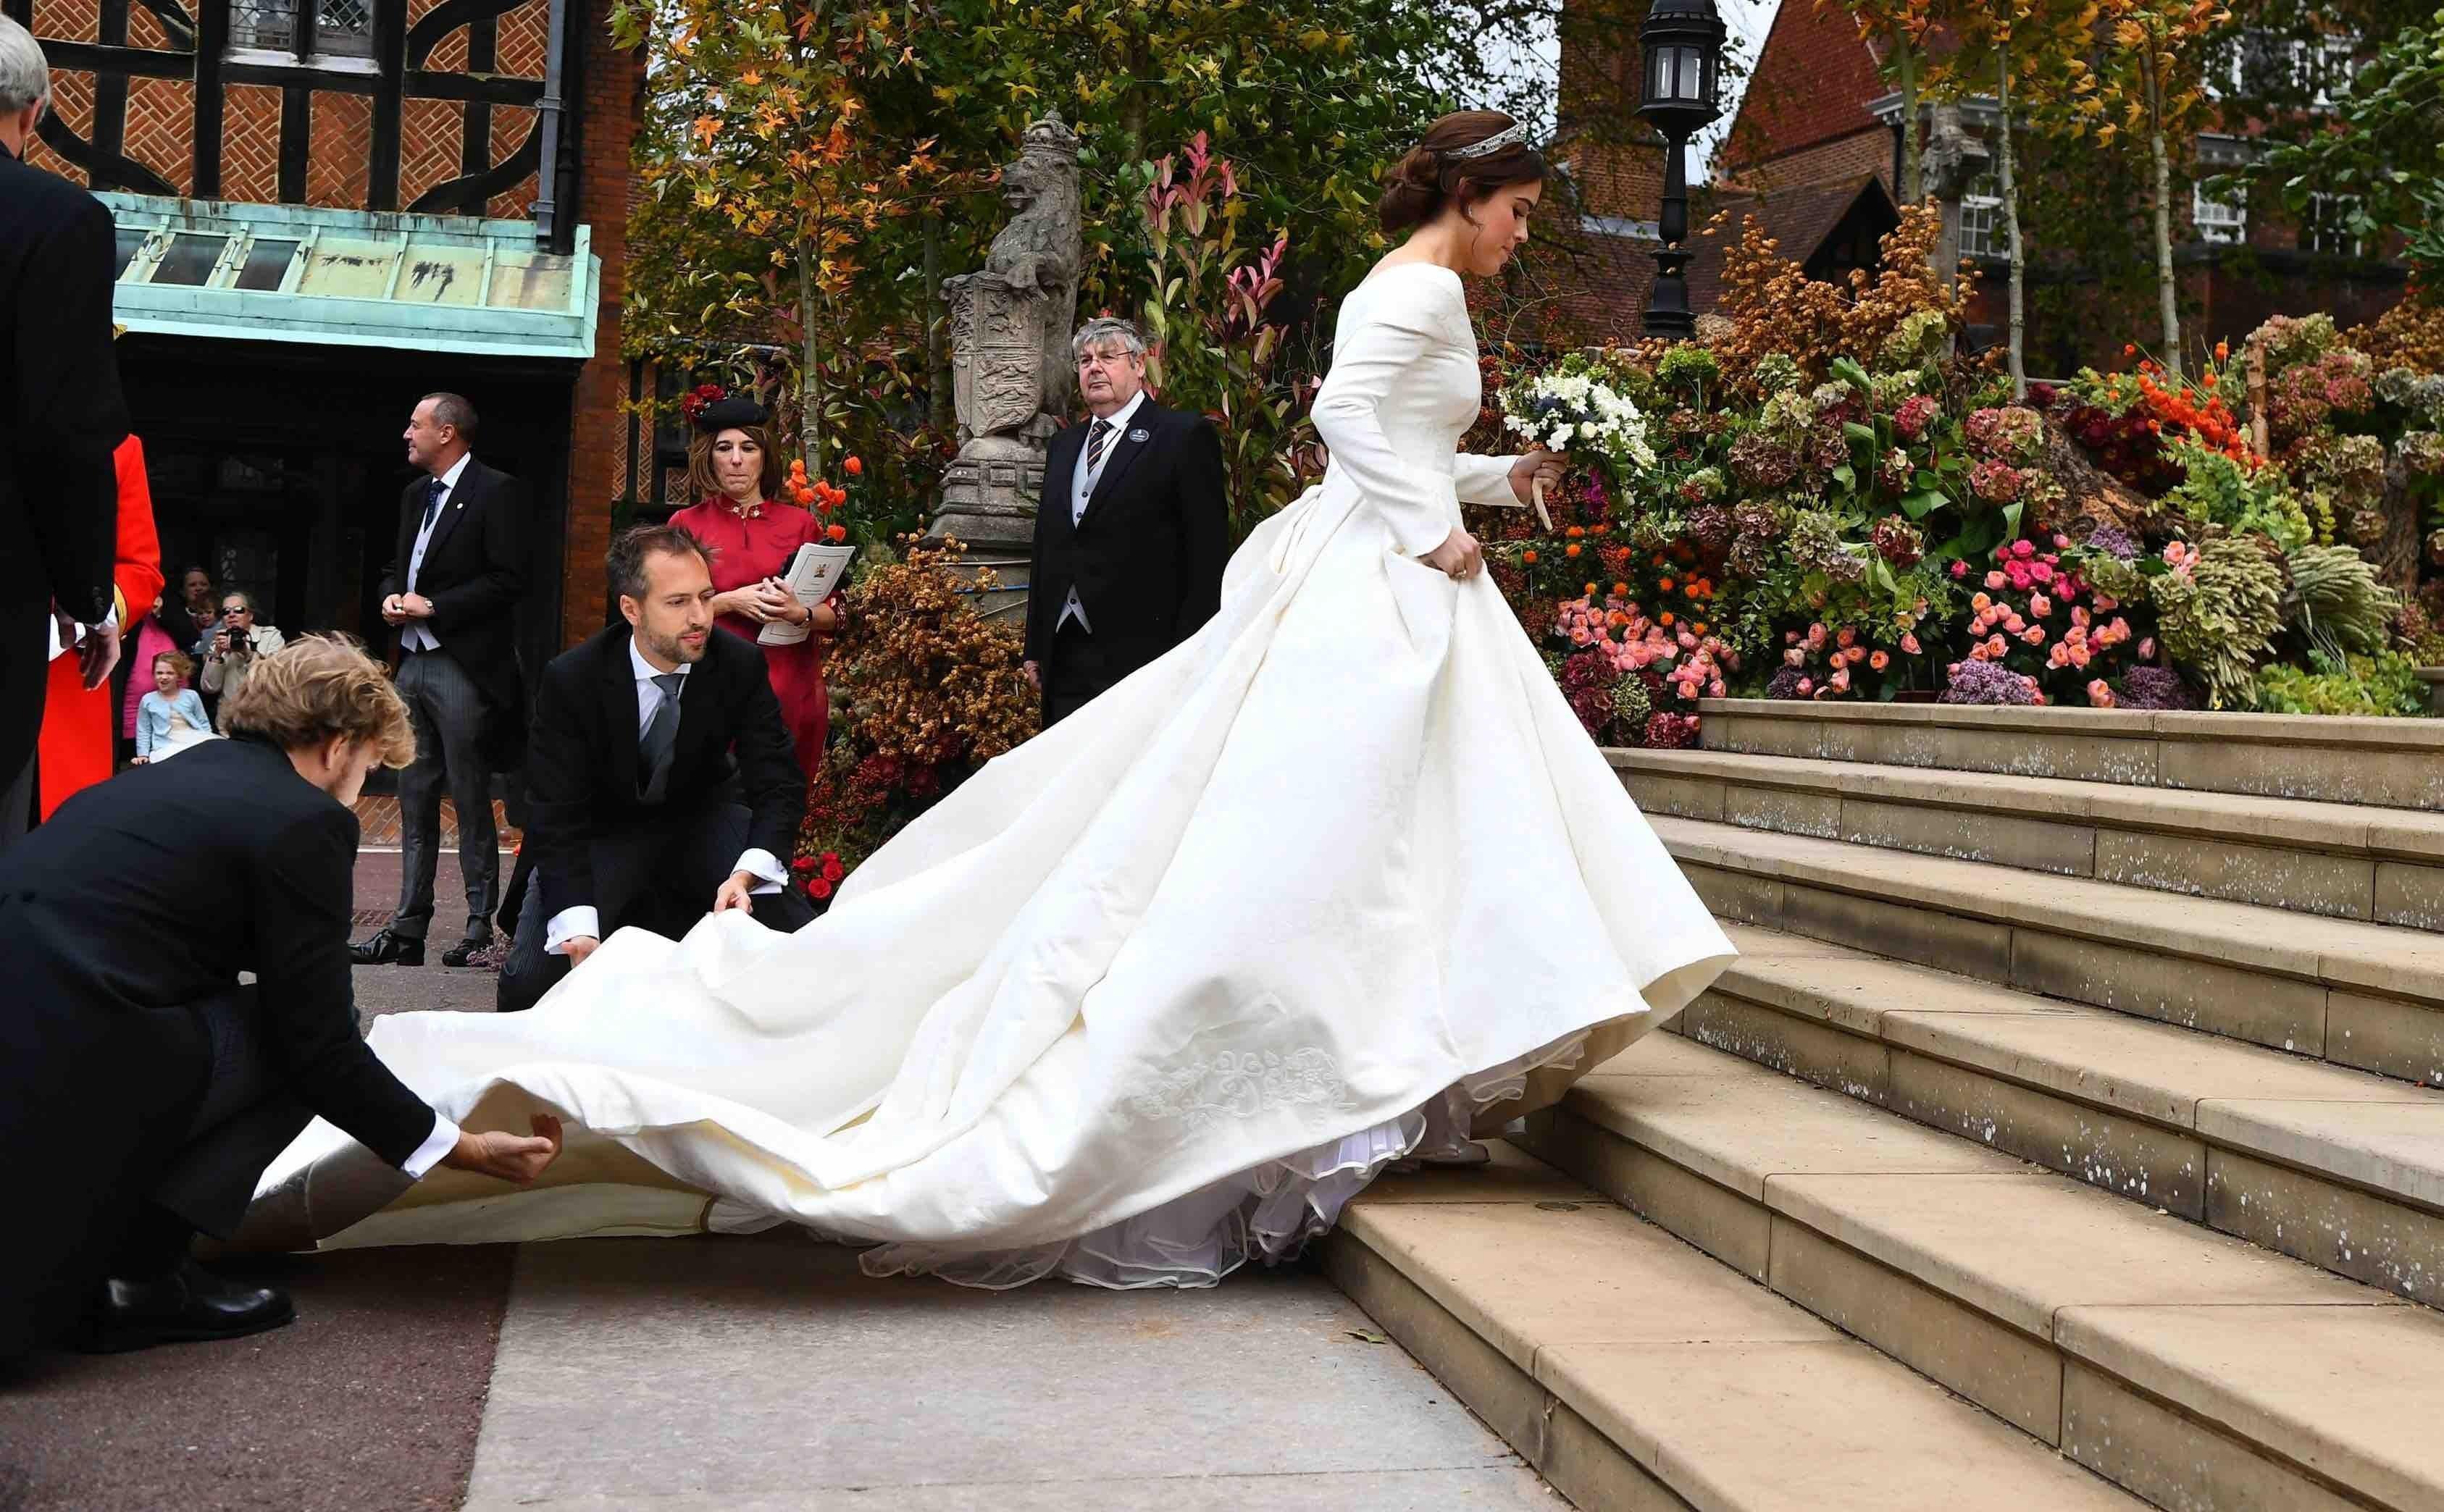 Porqué la princesa Eugenie de York eligió mostrar su cicatriz en la espalda en su vestido de boda